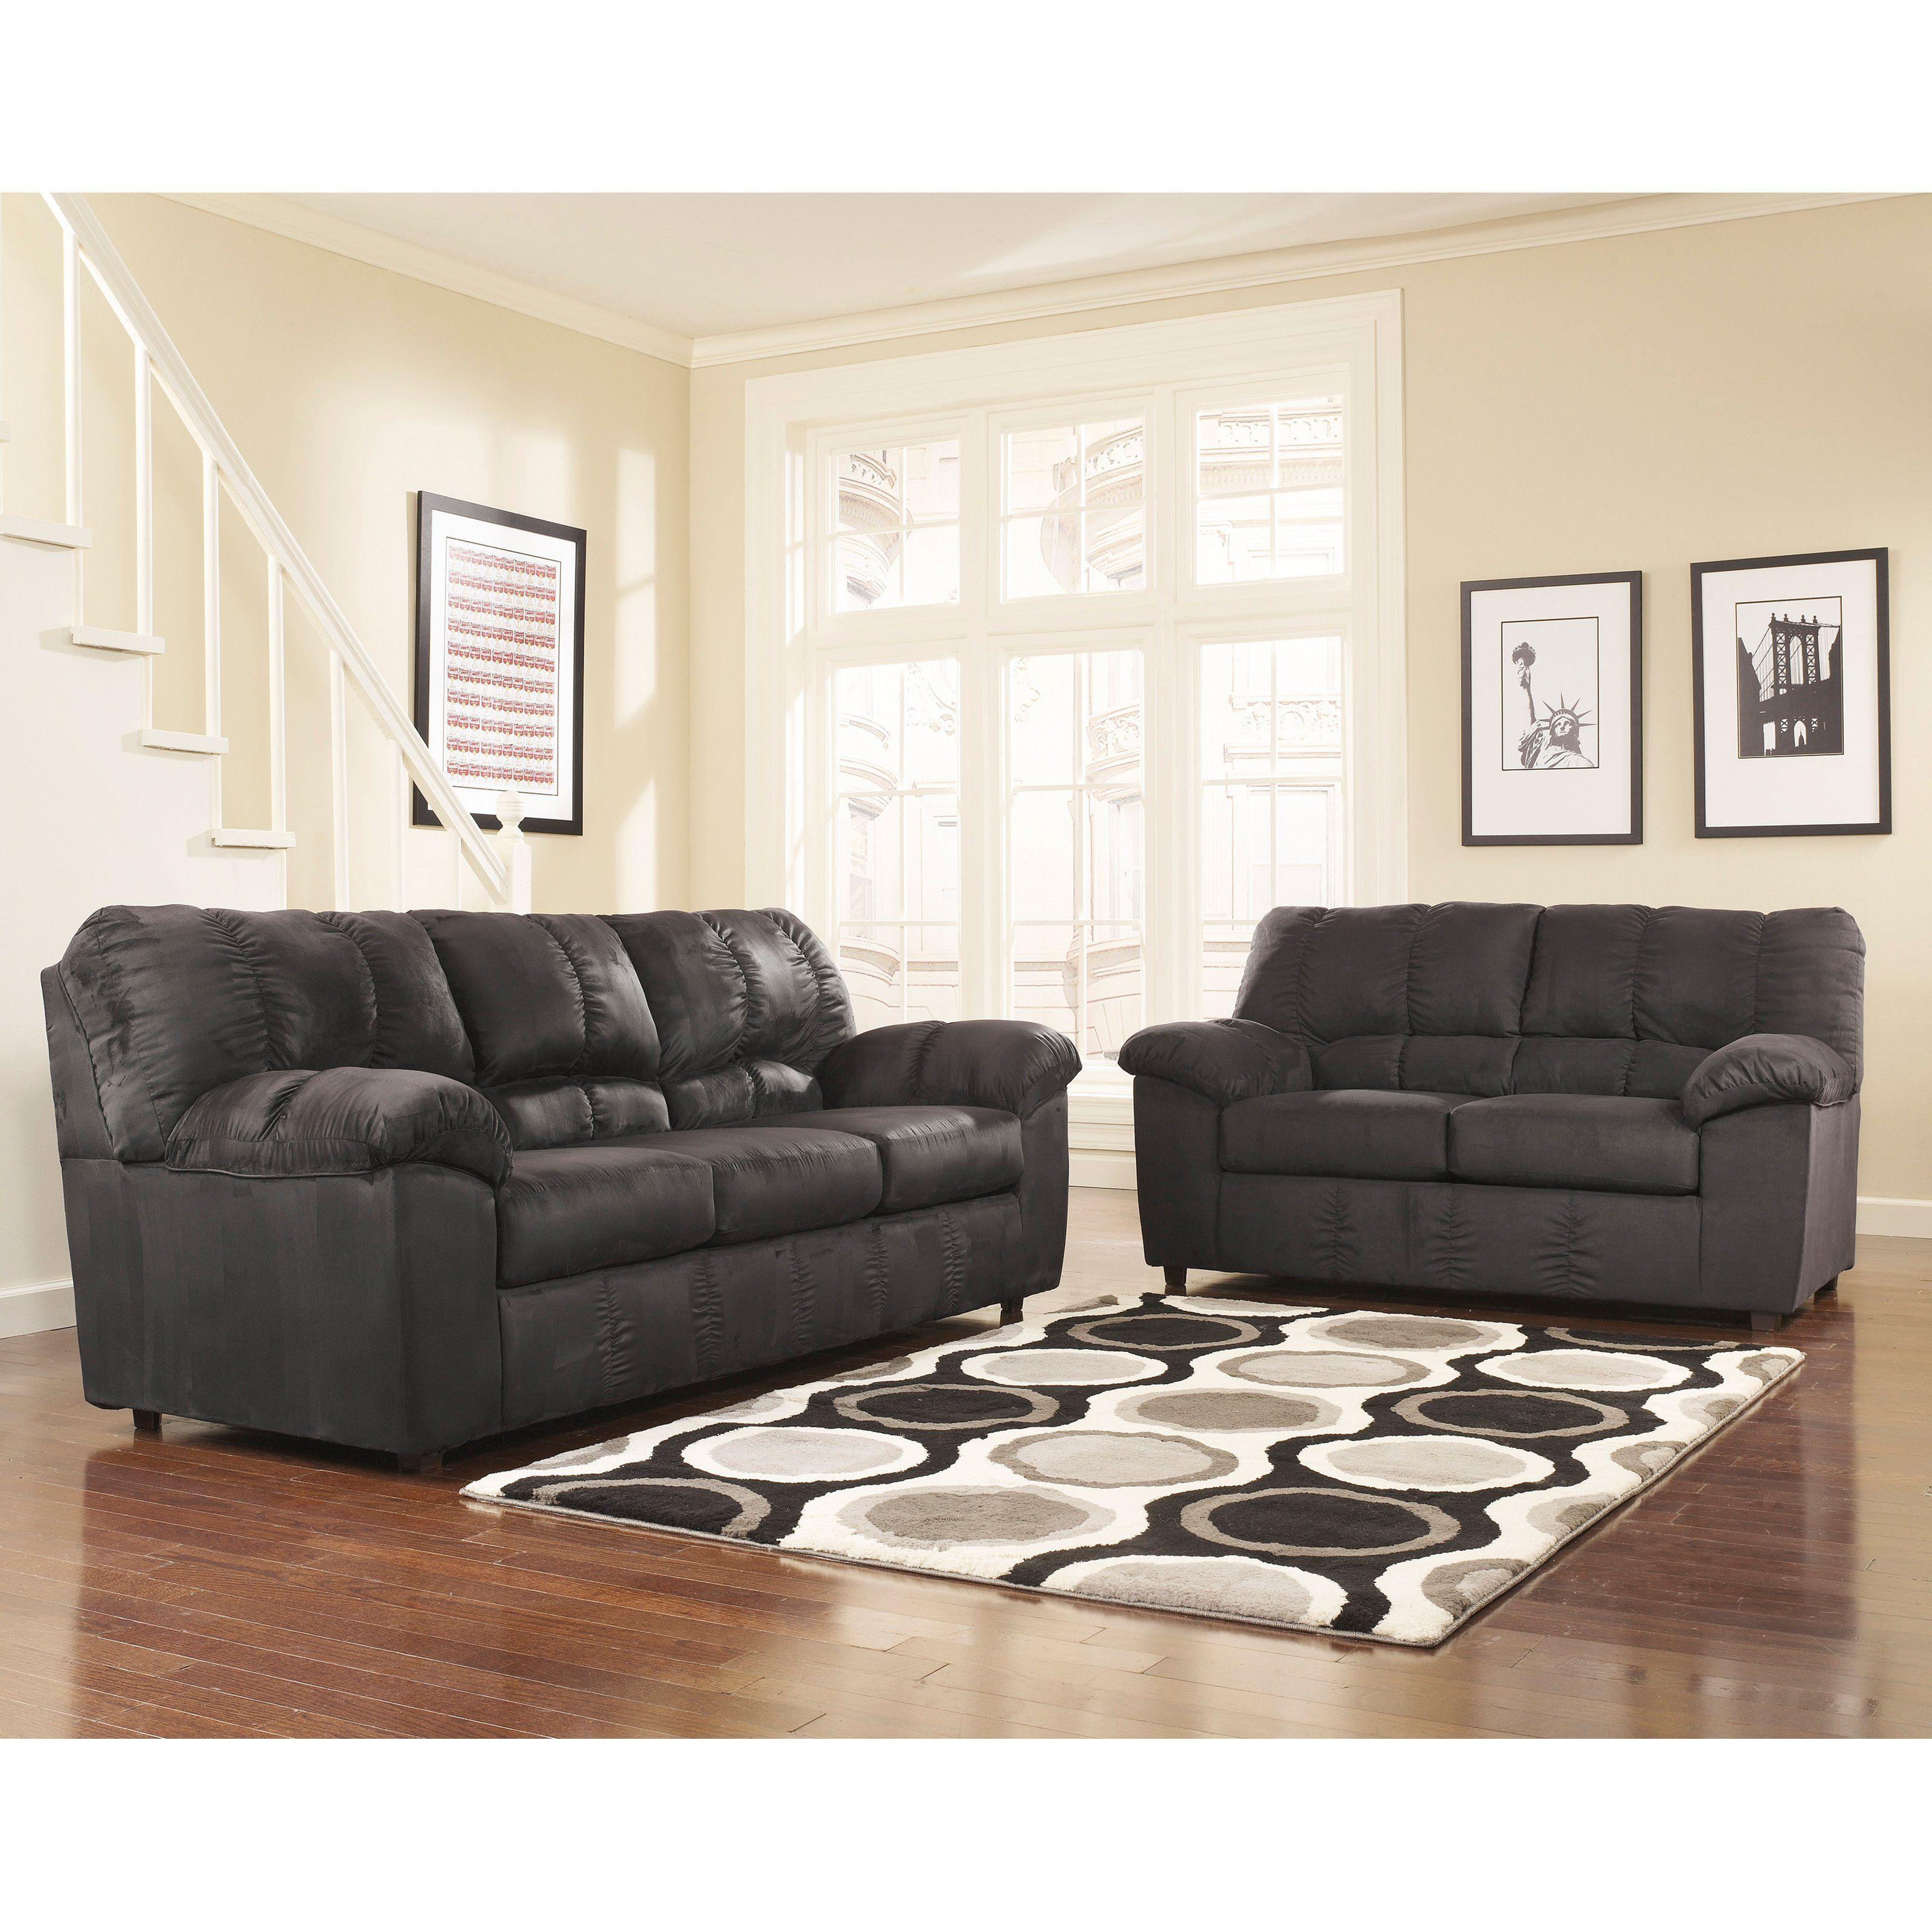 32++ Black living room set ashley furniture information